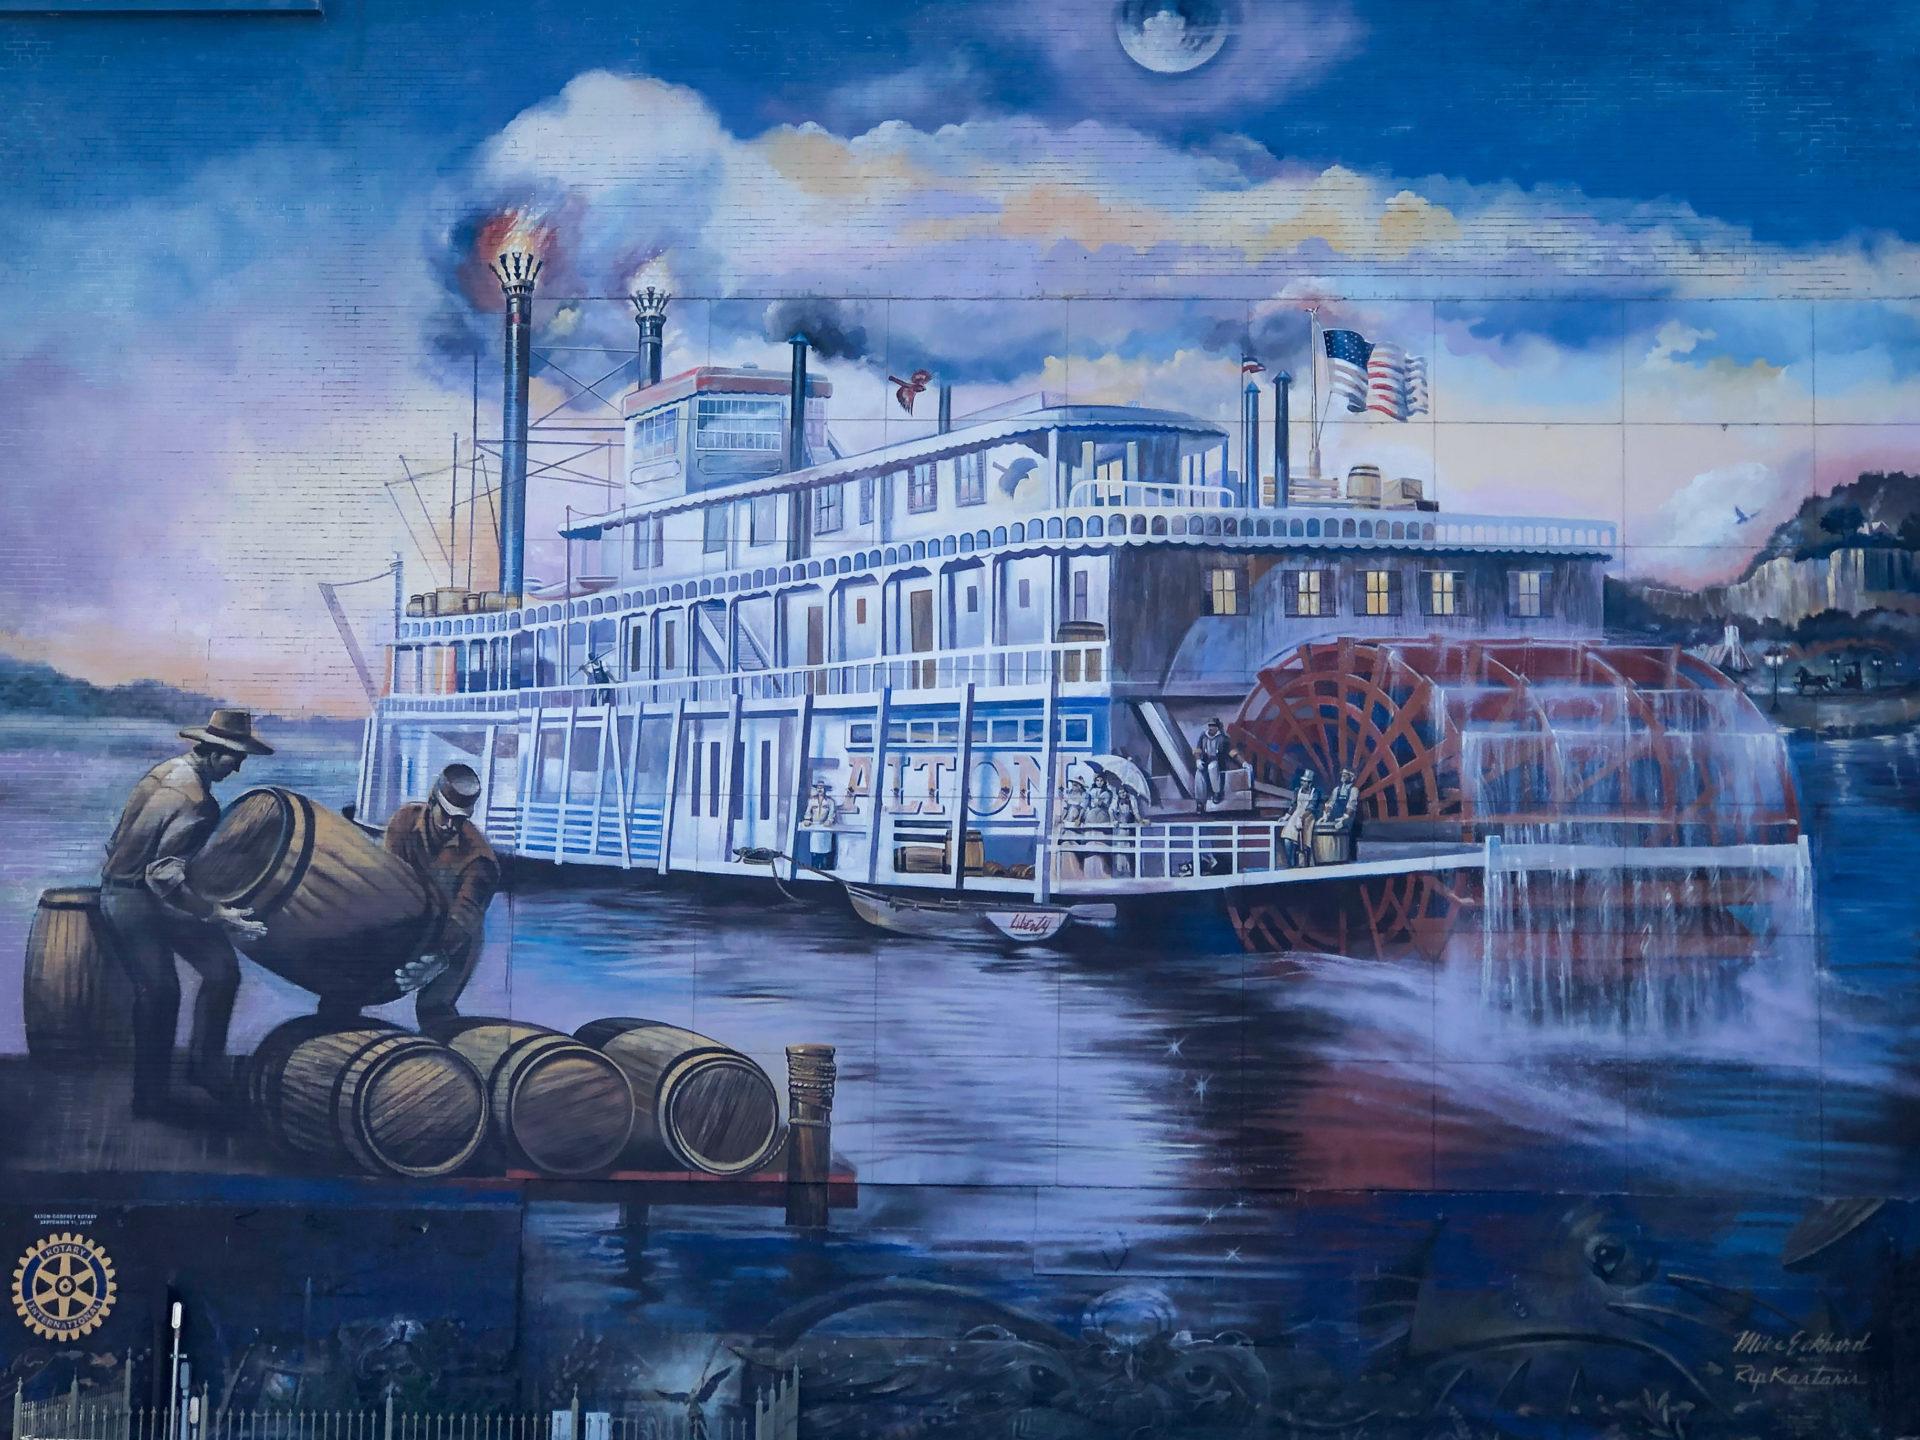 Wandgemälde oder Mural von Schaufelraddamofer in Alton am Mississippi